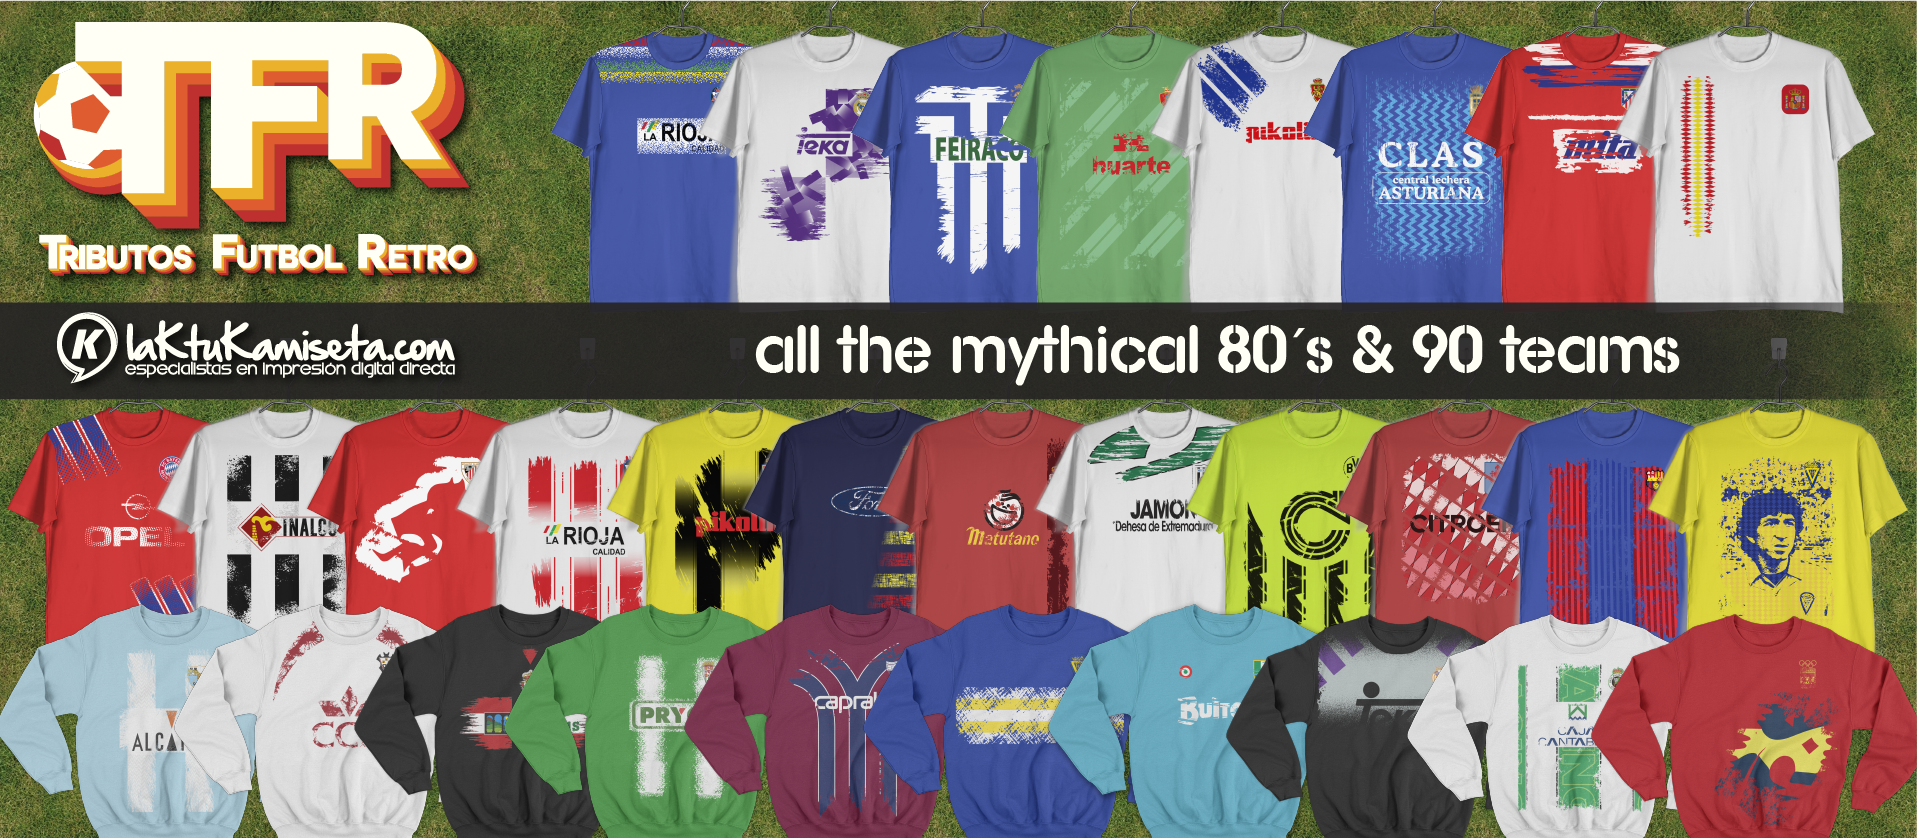 camisetas retro de futbol